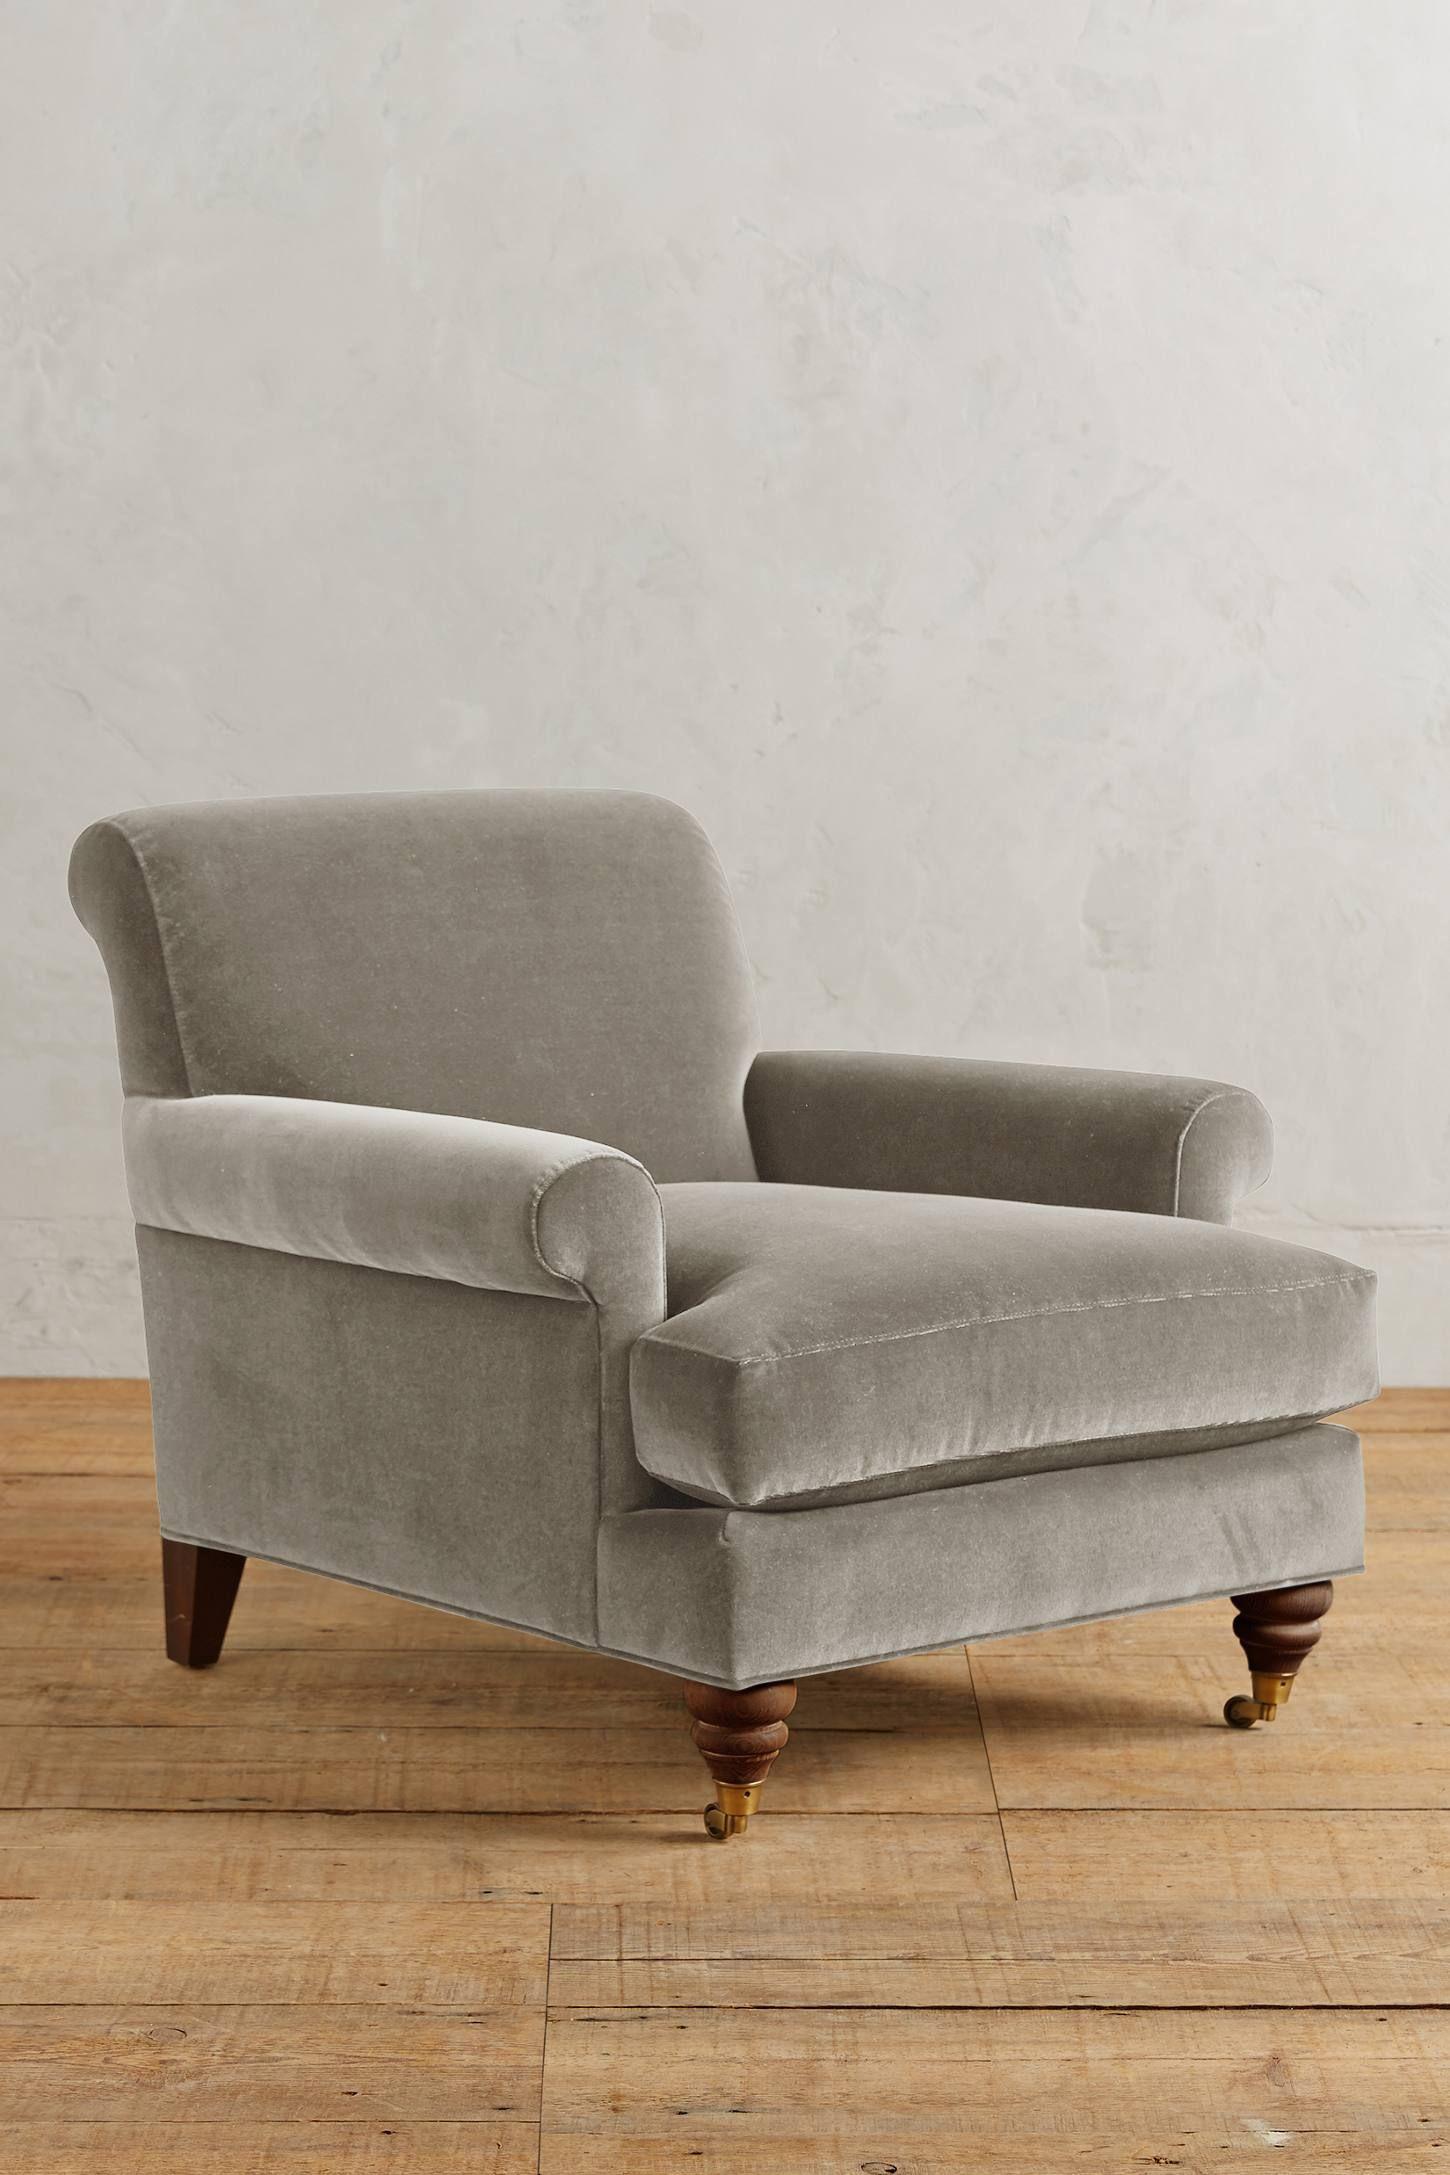 Velvet Willoughby Chair, Hickory Chair, Upholstered